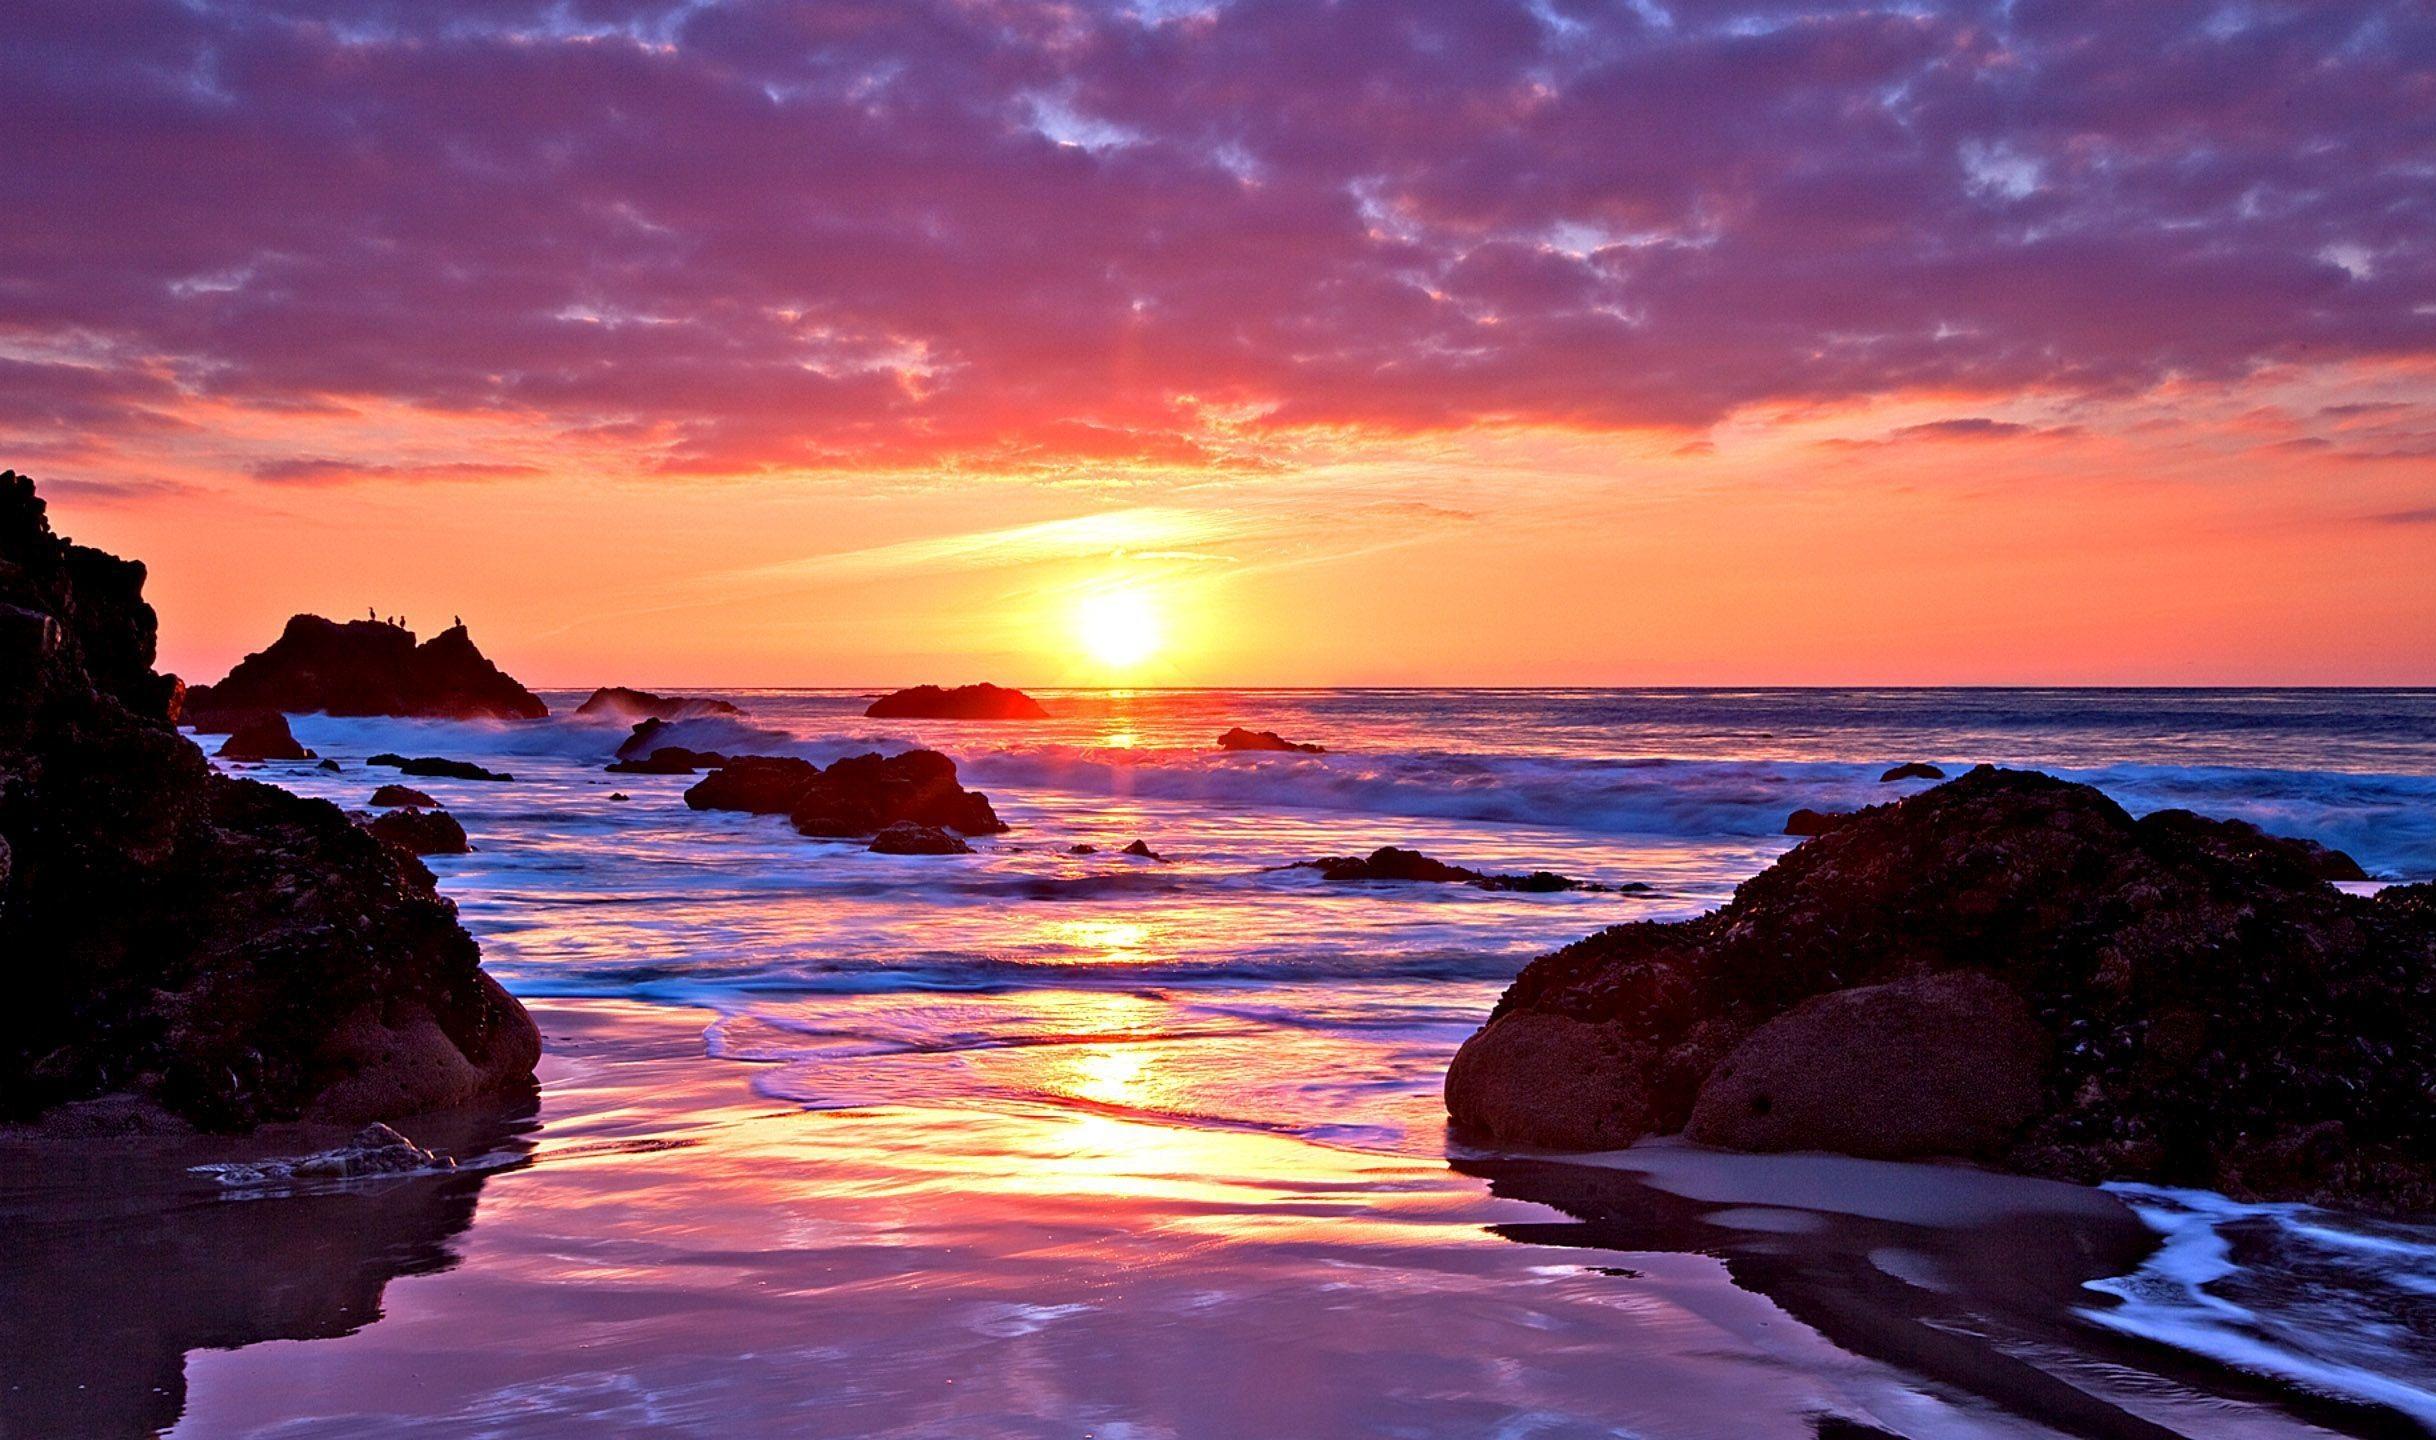 Ocean Desktop Wallpaper 58226 IMGFLASH 2436x1440